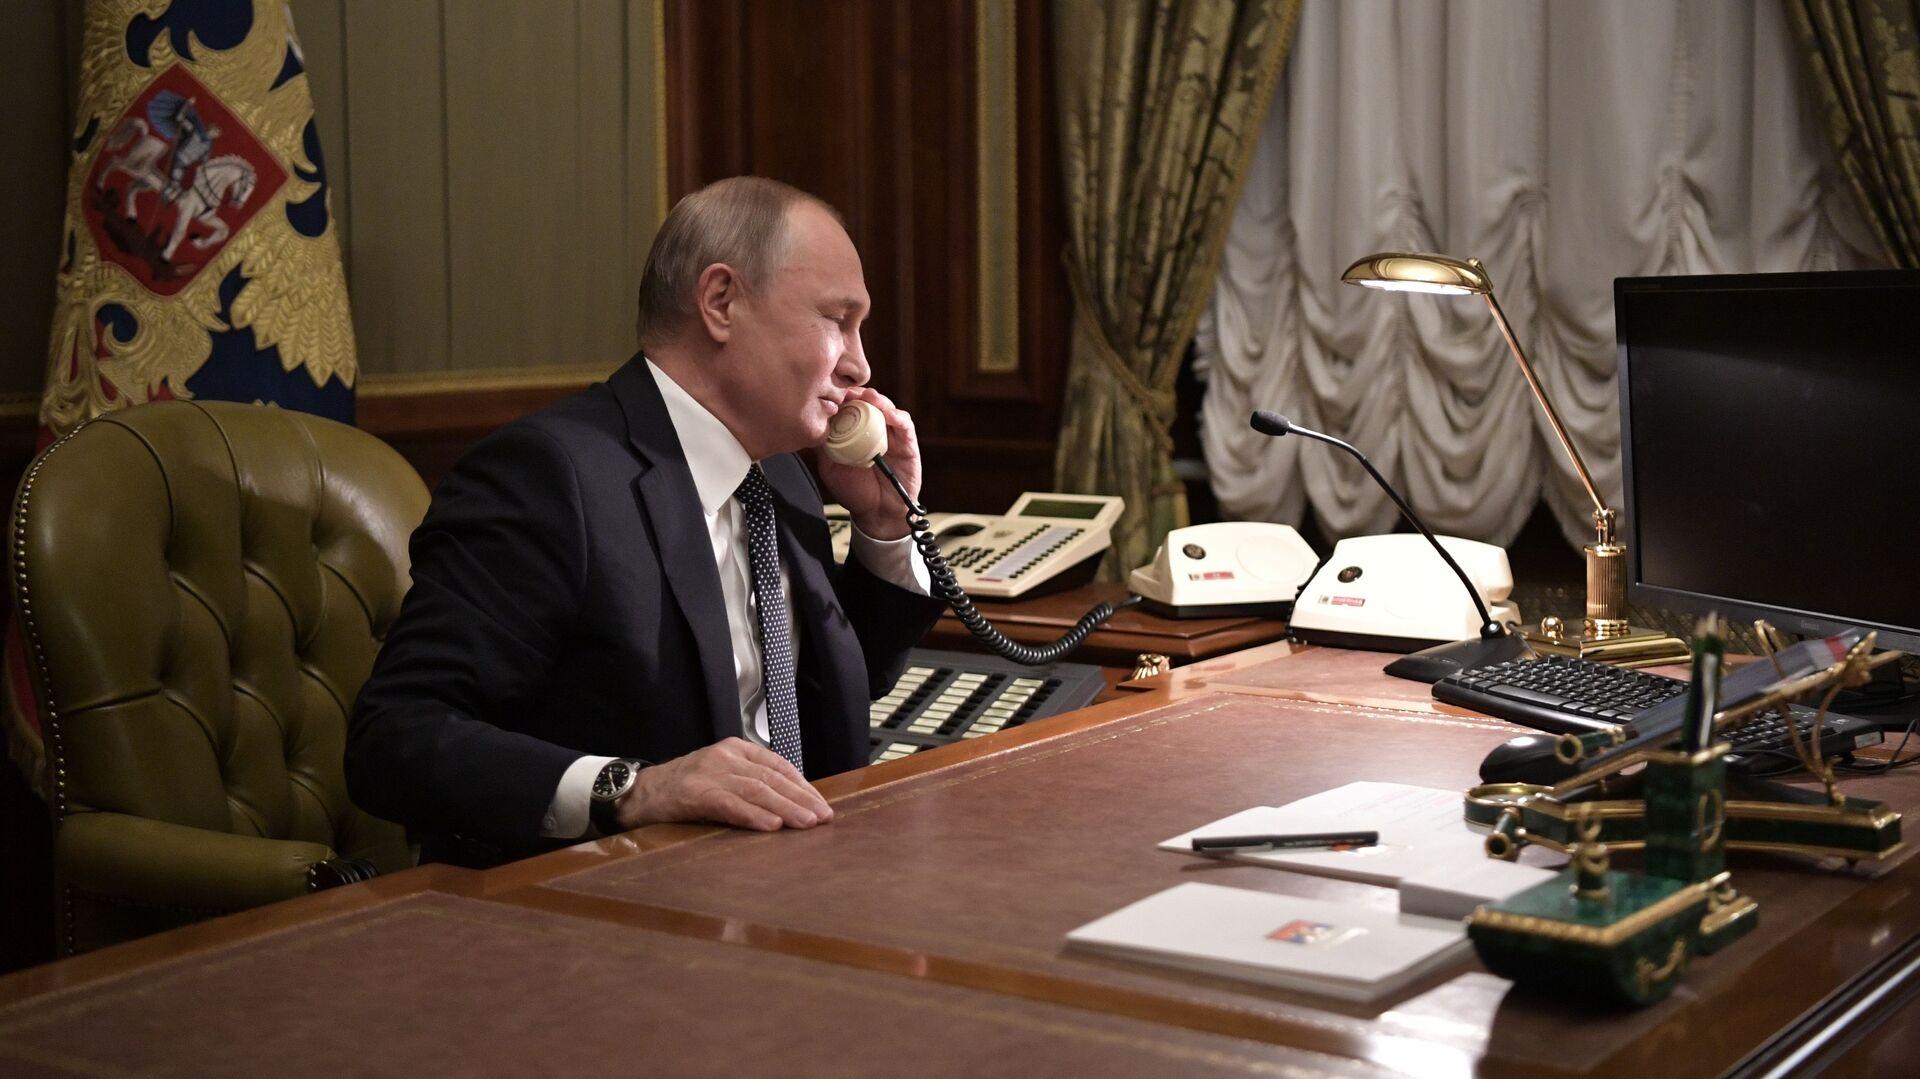 Владимир Путин во время телефонного разговора - РИА Новости, 1920, 21.07.2021